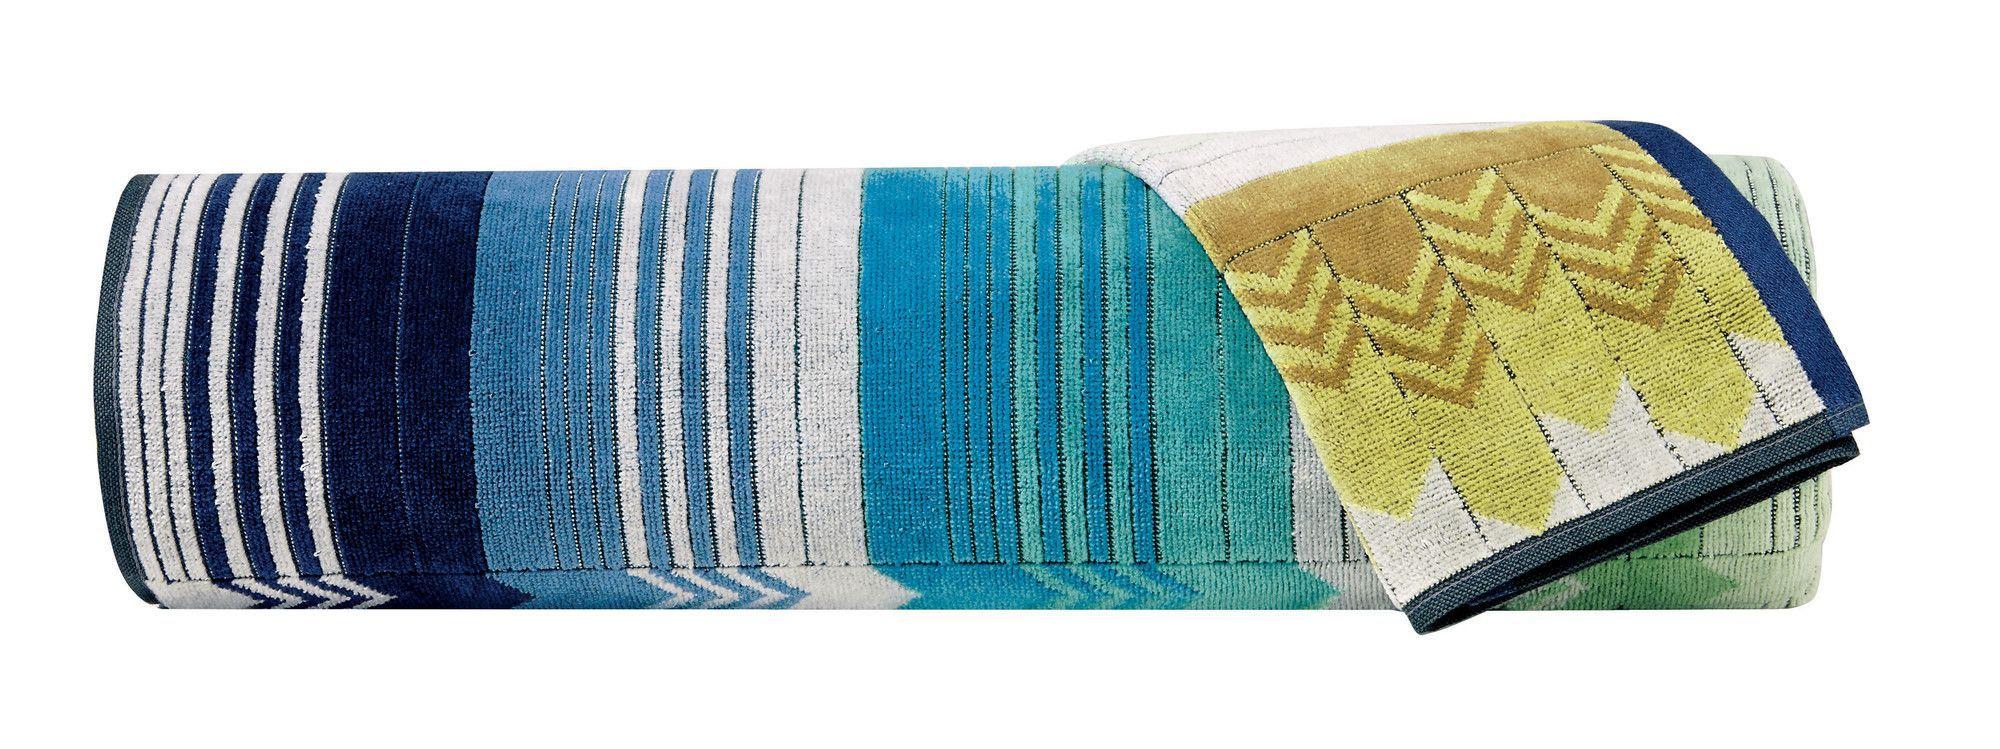 Arias 24 Piece 100 Cotton Towel Set Bath Sheets Towel Bath